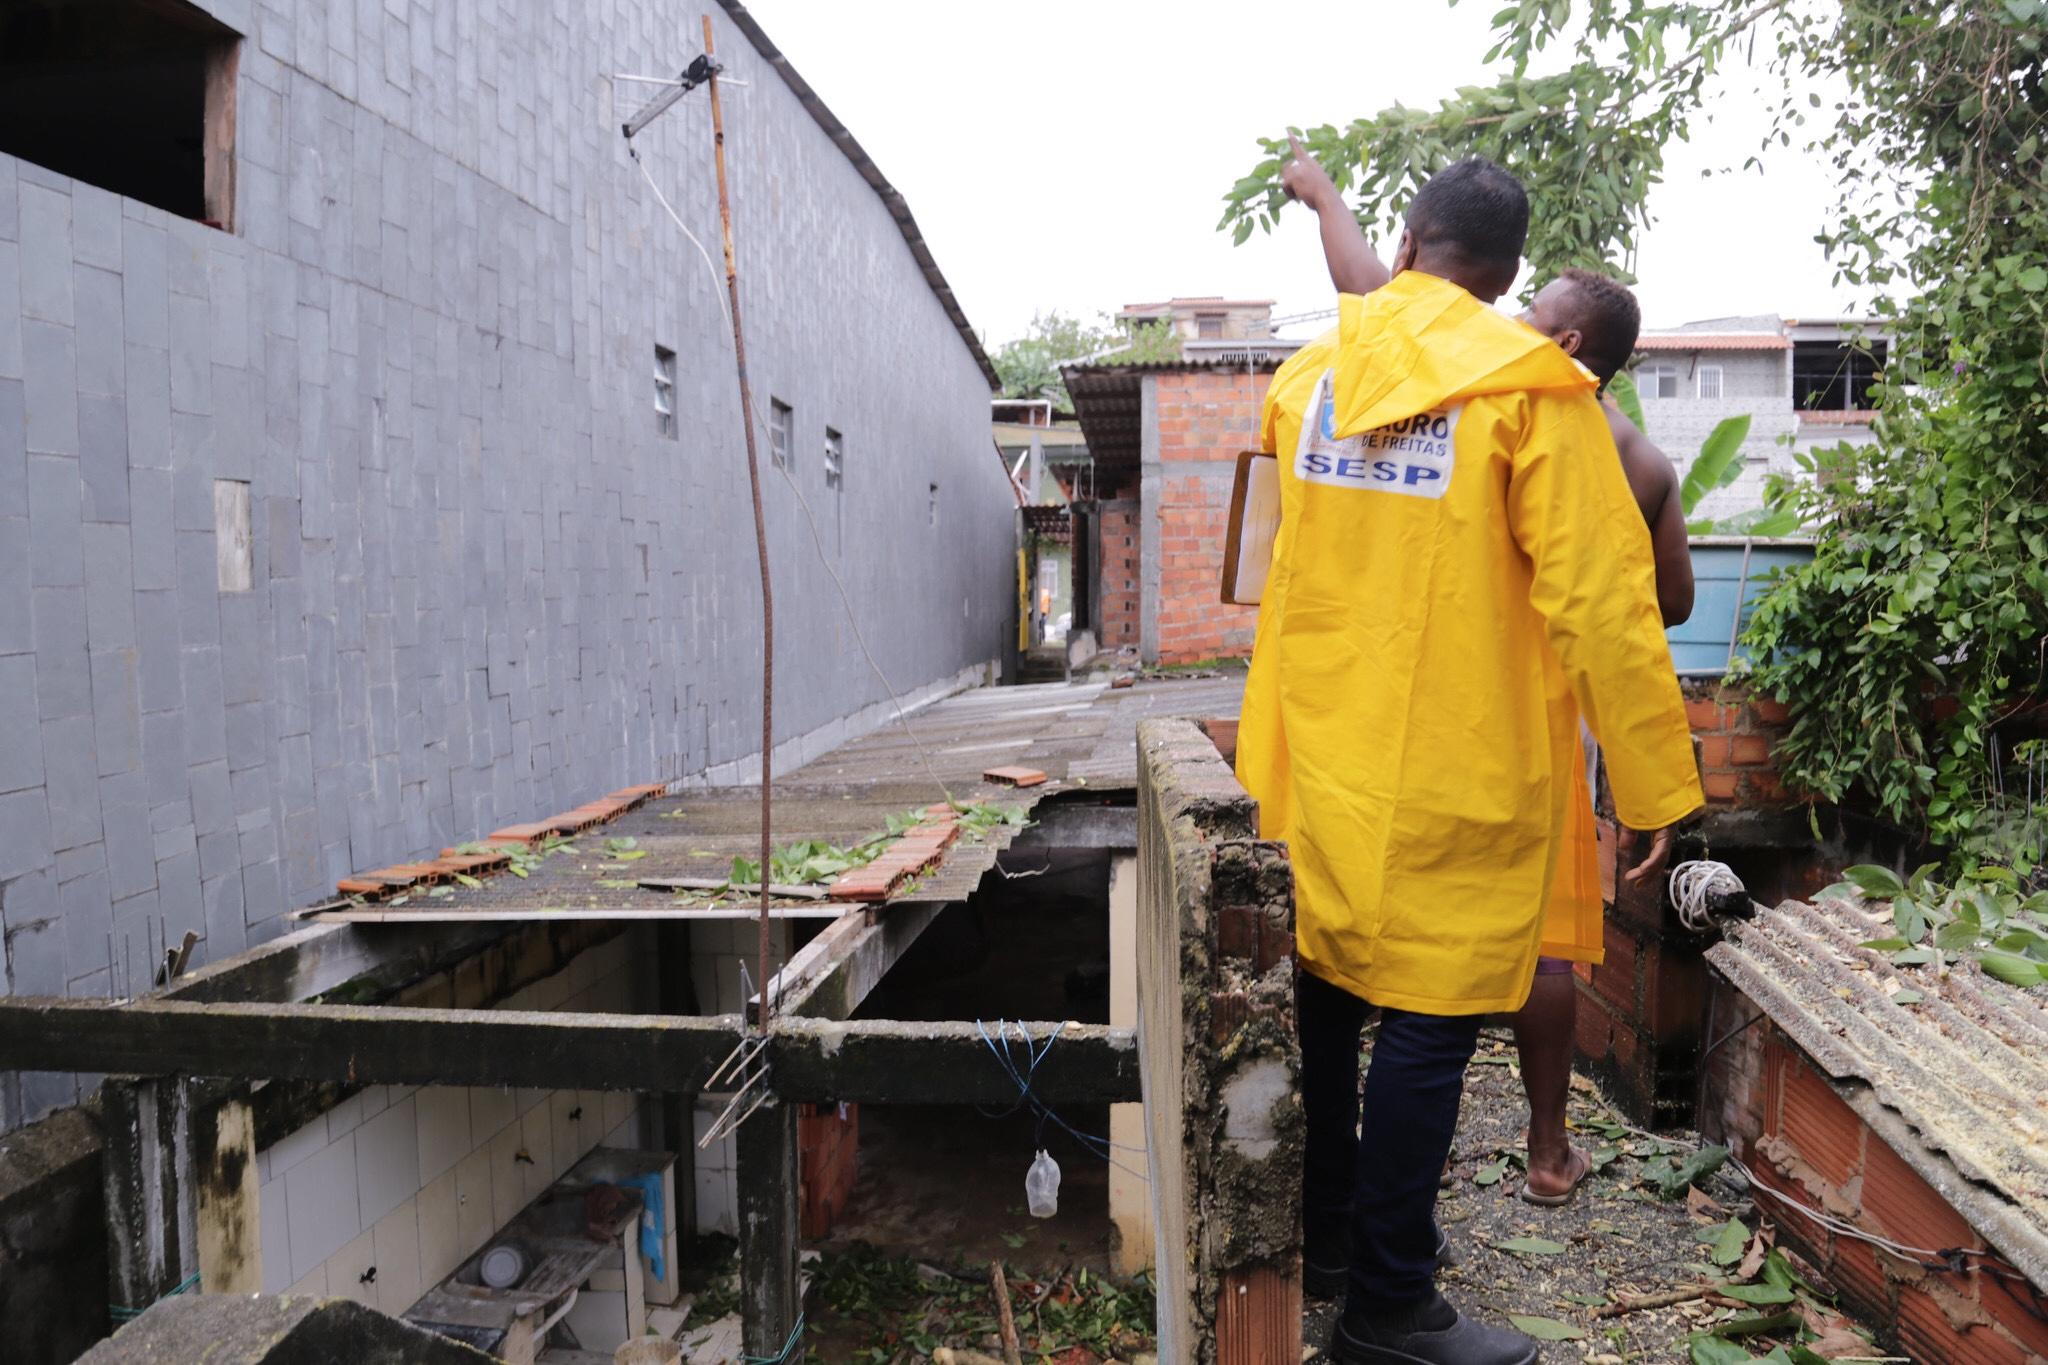 Obras de prevenção reduzem impactos provocados por fortes chuvas em Lauro de Freitas